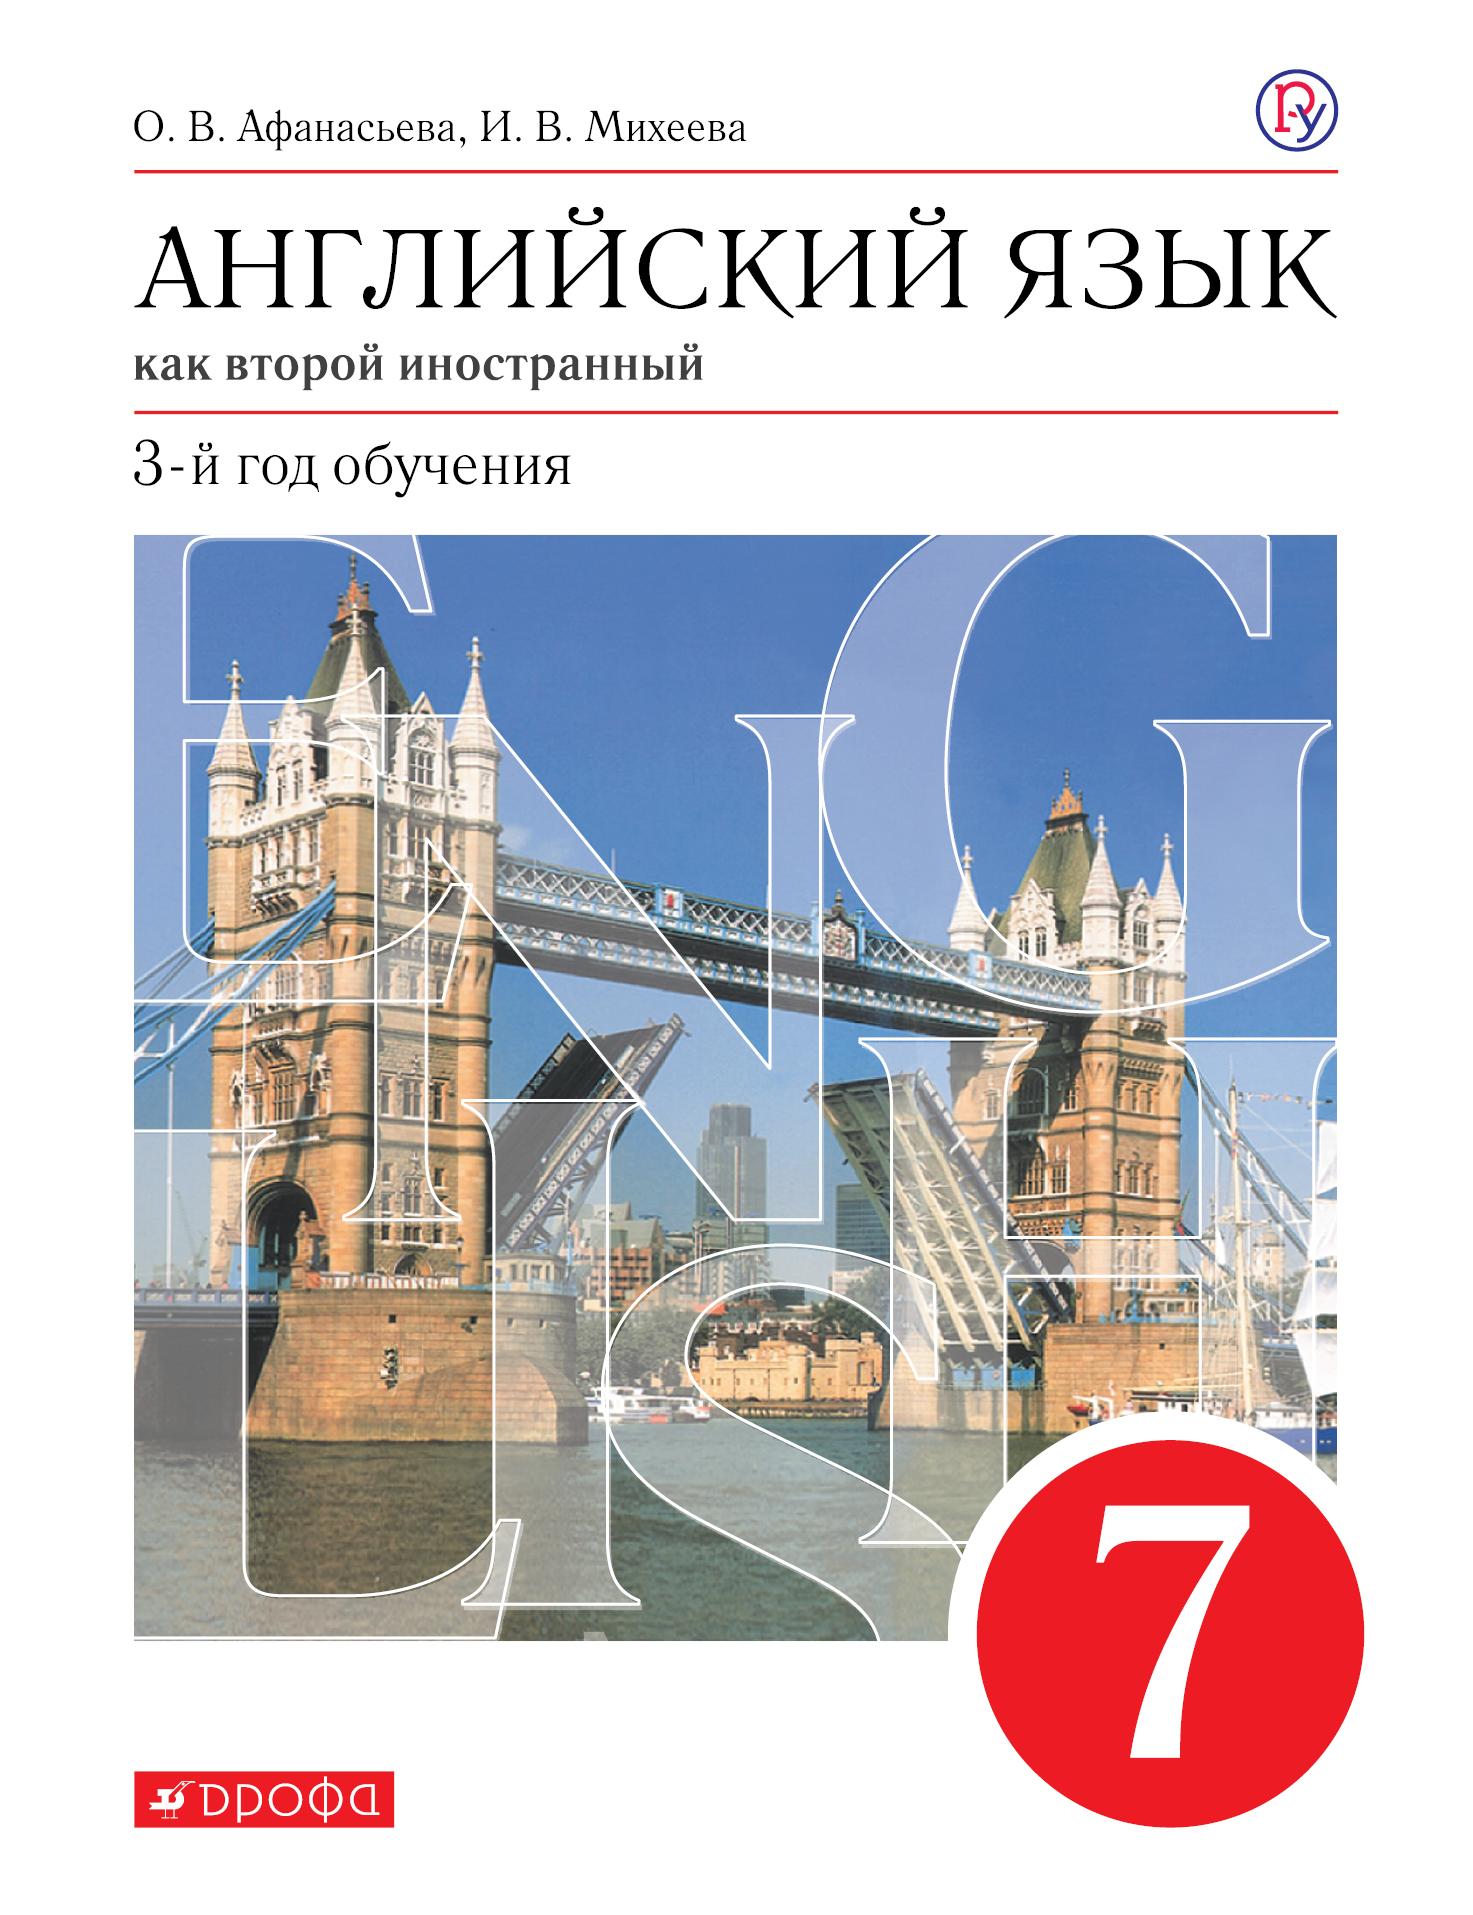 Афанасьева О.В., Михеева И.В. Английский язык. 7 класс. Учебник. Английский язык. 7 класс.